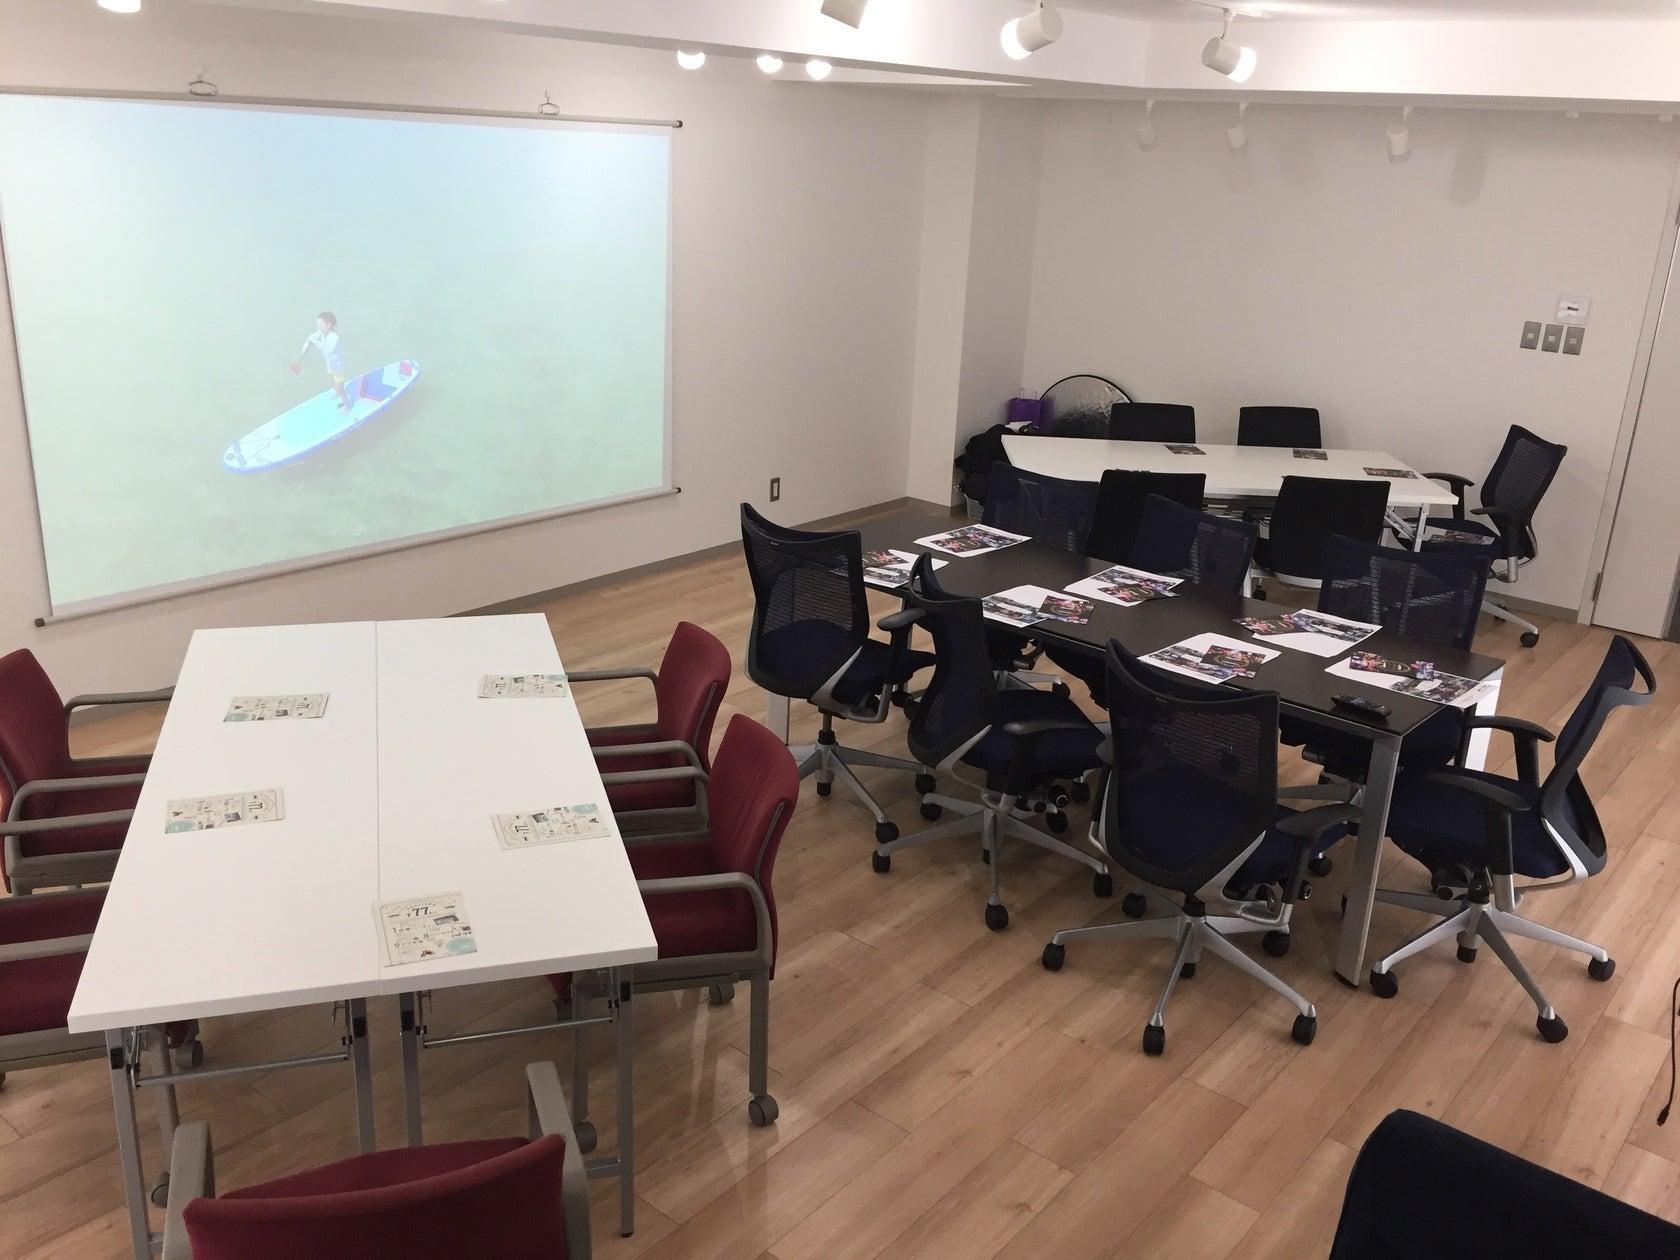 テーブル(180センチ×4本+220センチ×1本)と椅子を並べたところです。 プロジェクターに資料を映しながらのセミナーも十分にできます。